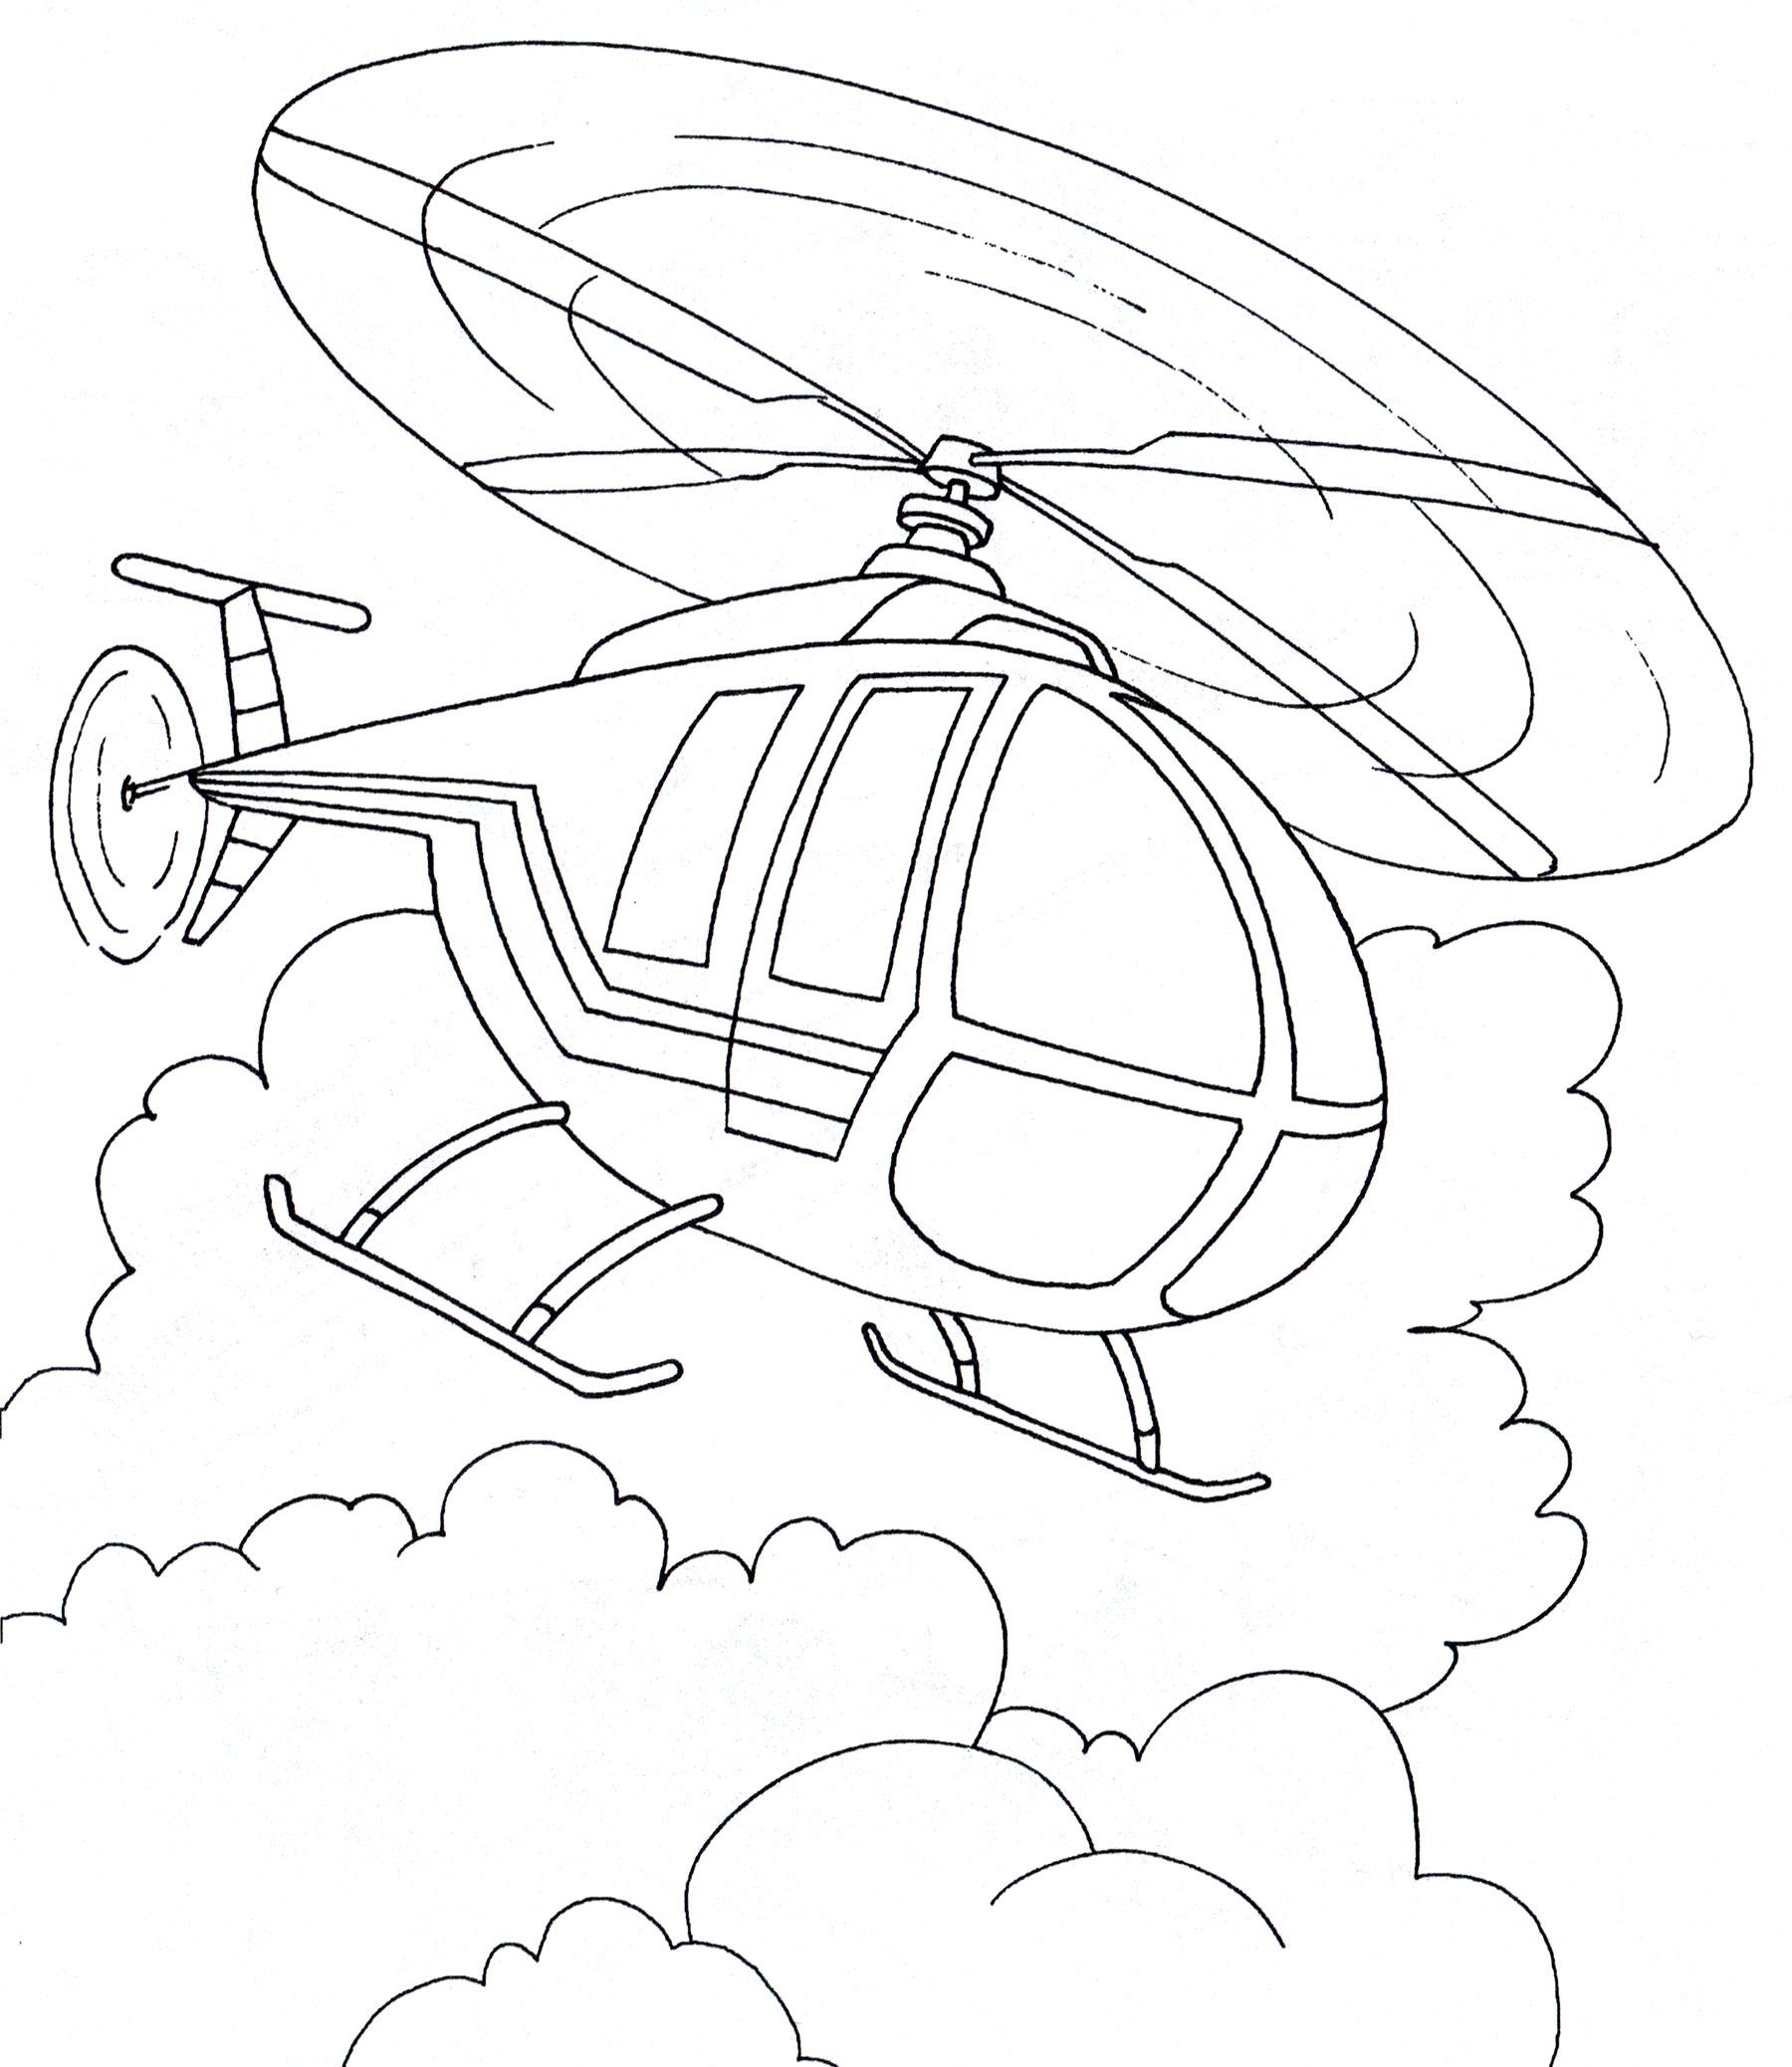 Раскраска Вертолет в полете - распечатать бесплатно